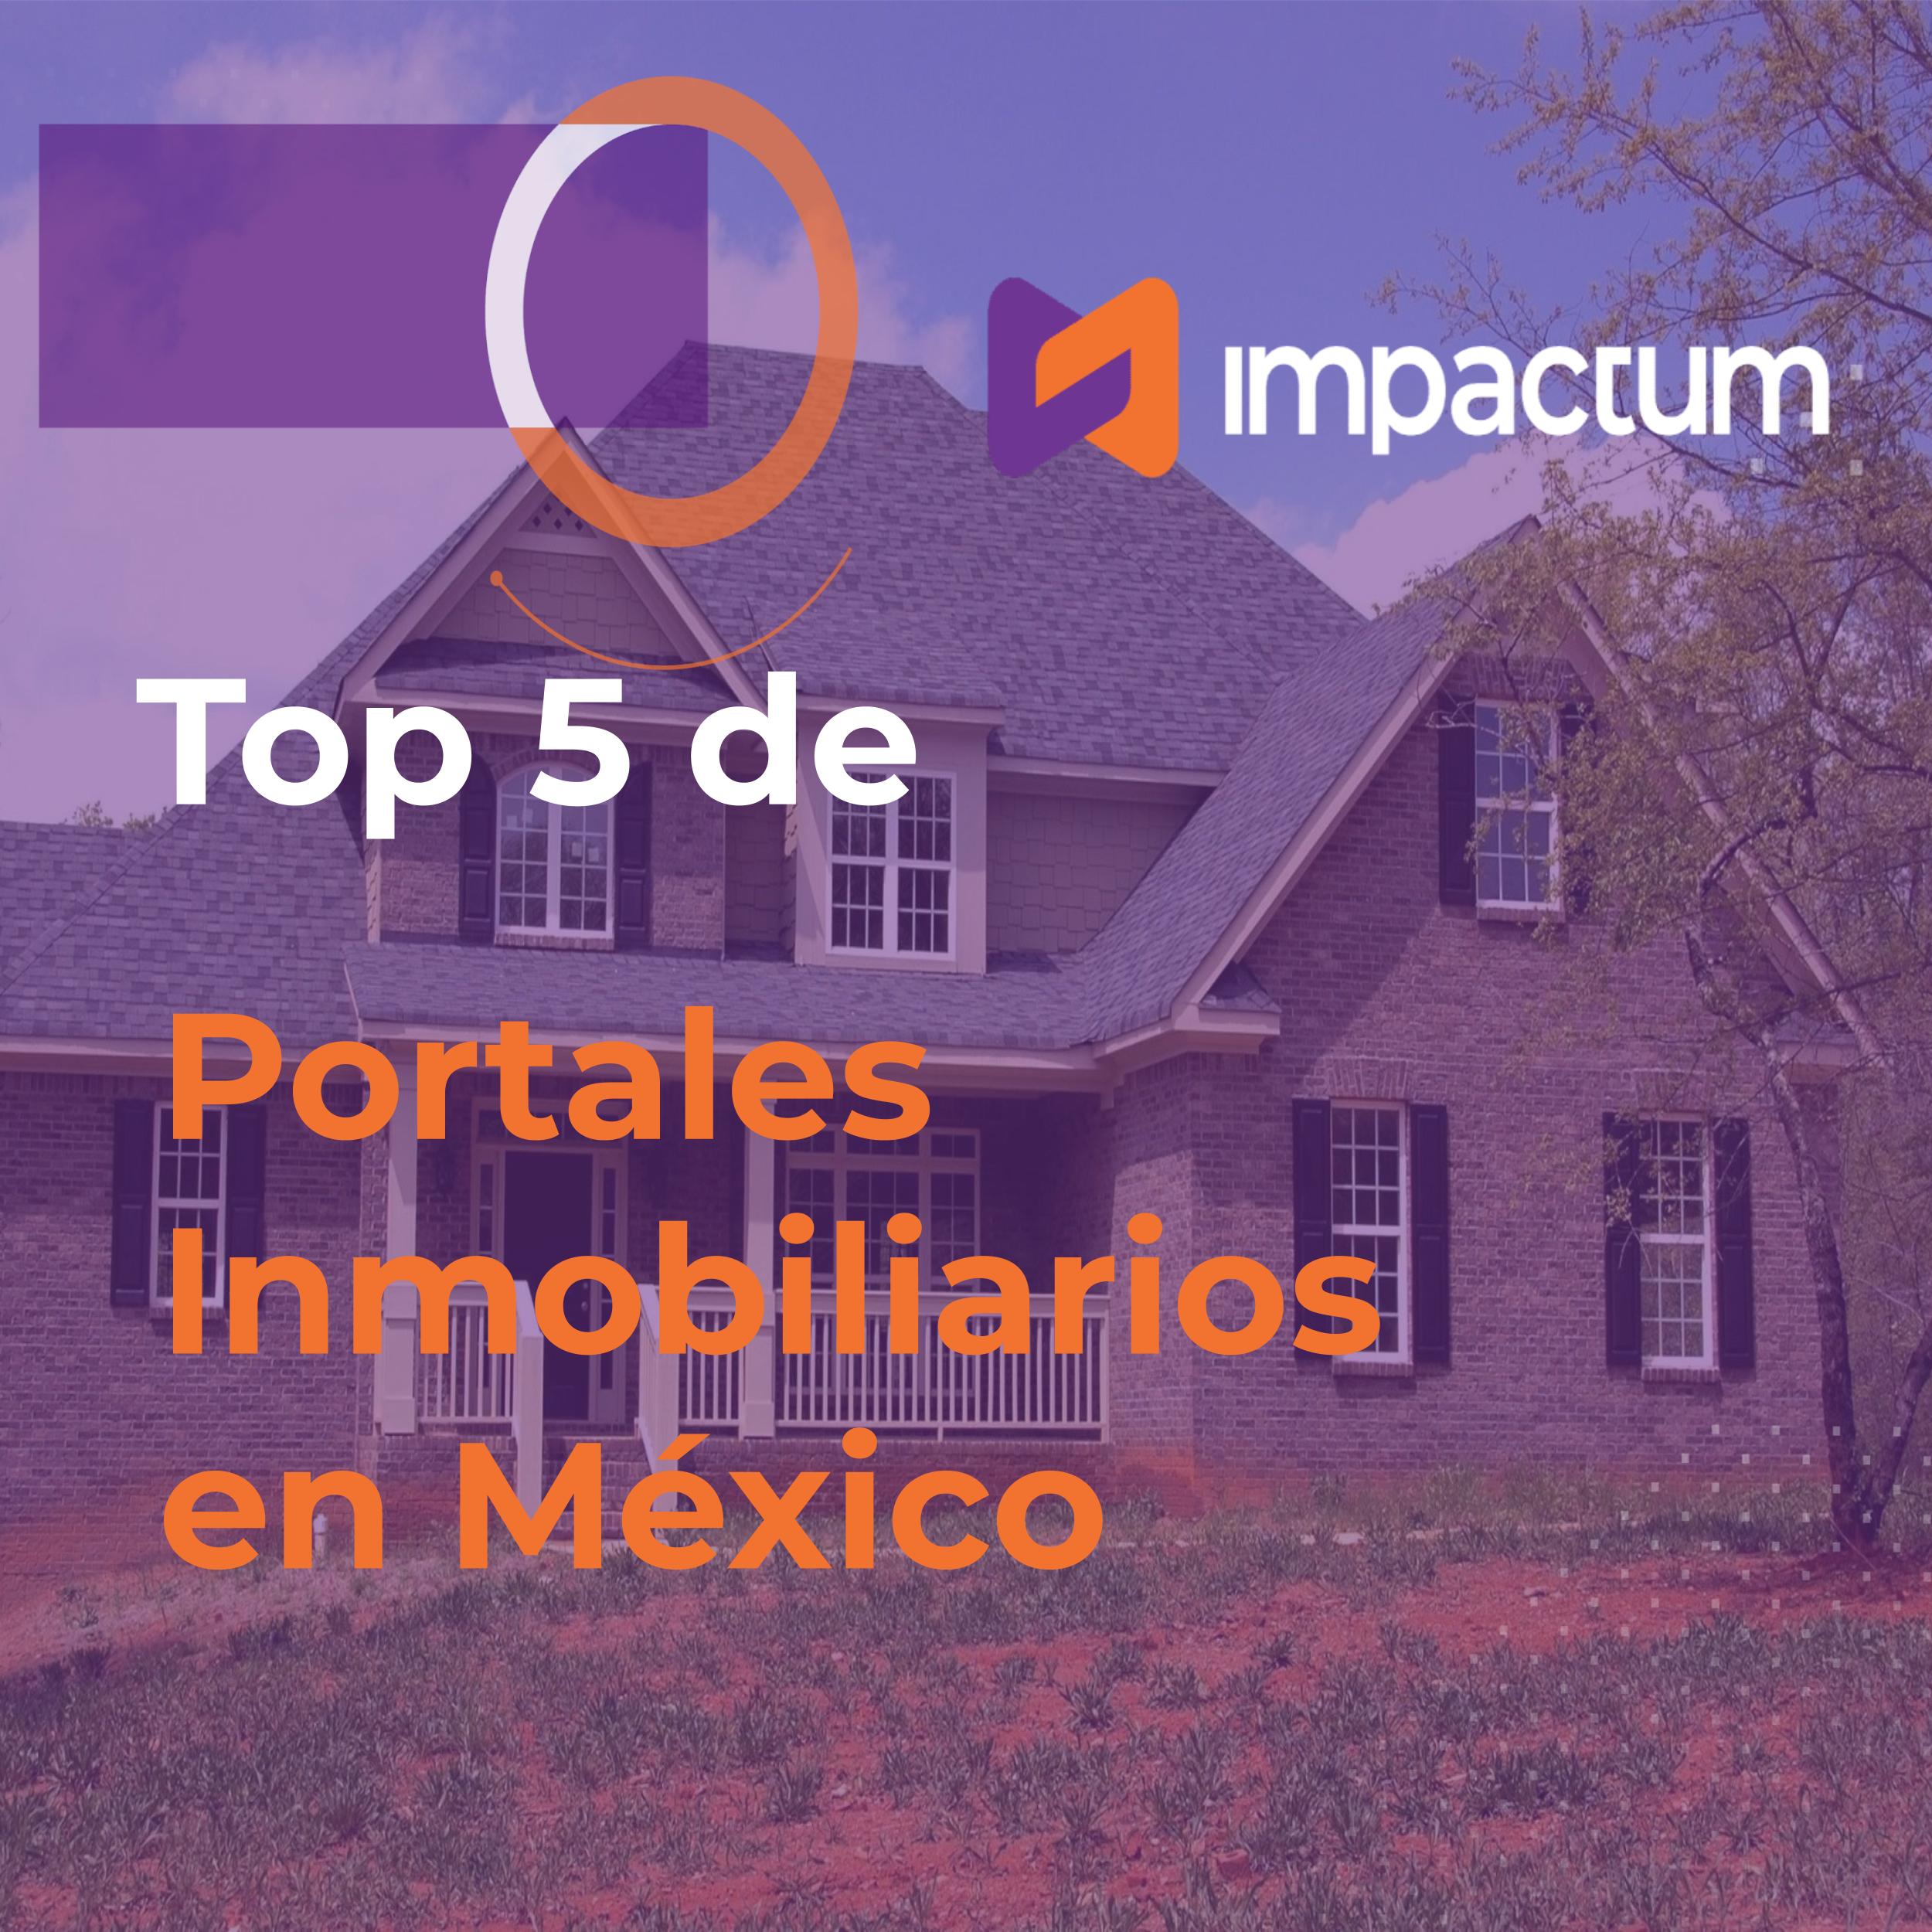 Top 5 de Portales Inmobiliarios en México